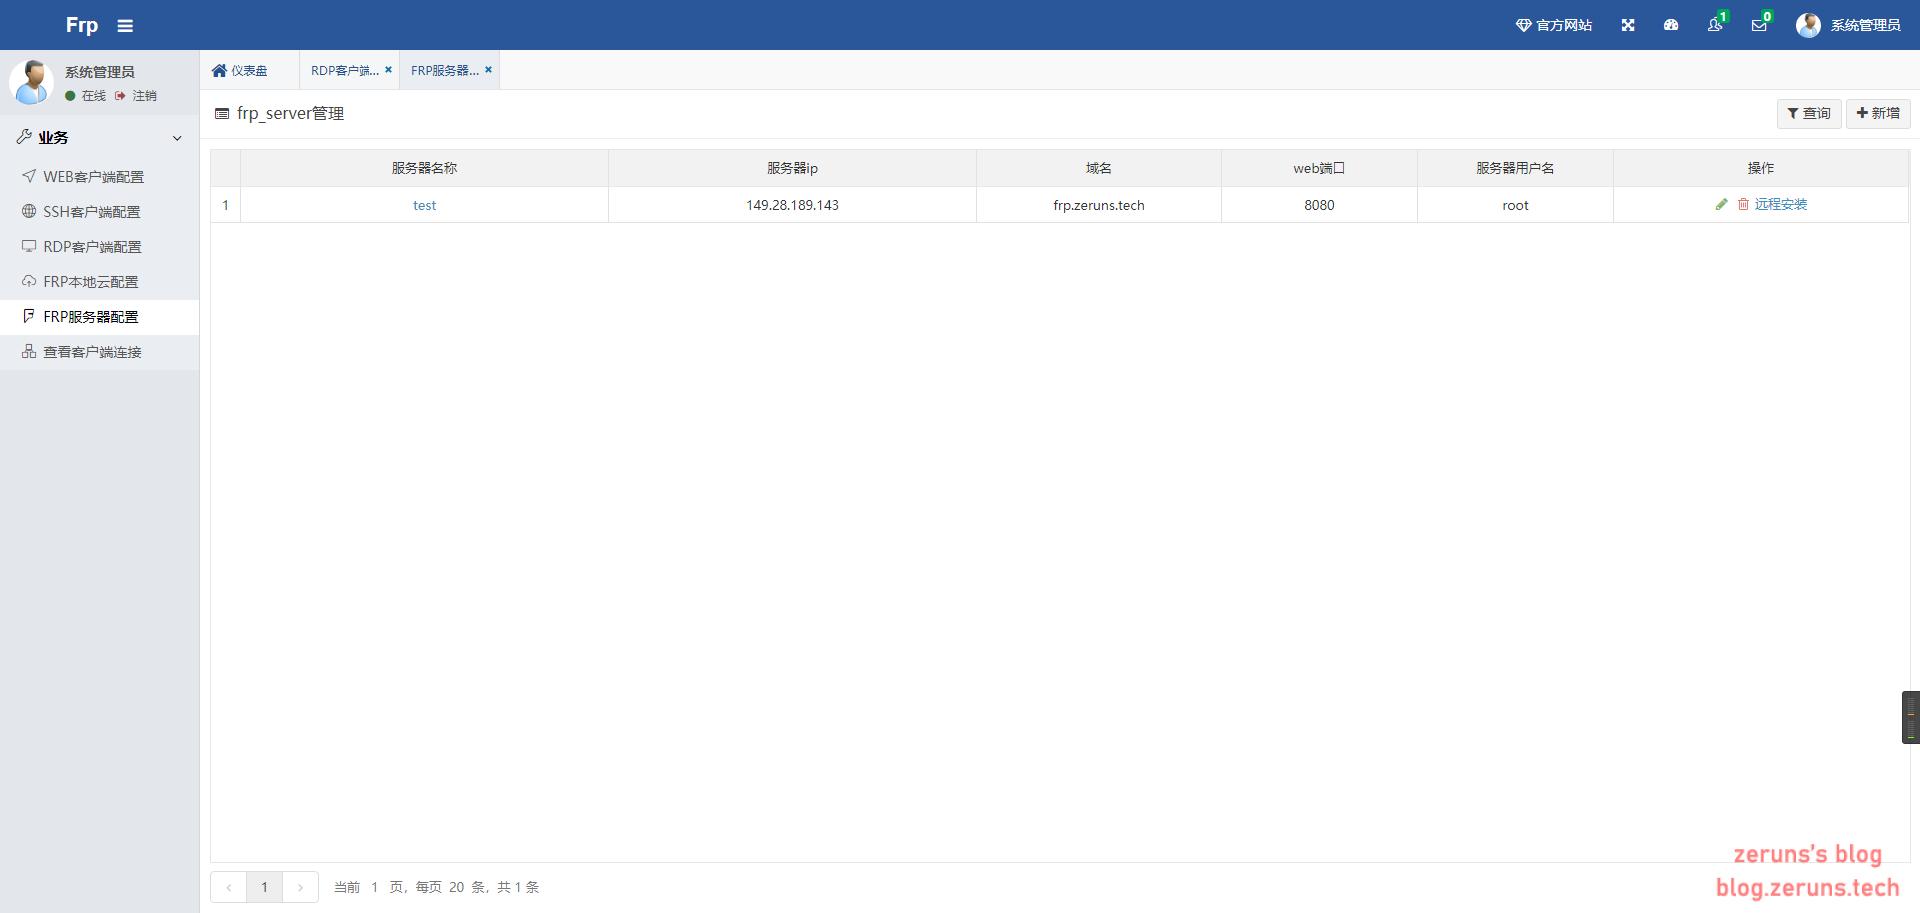 2020 03 14 19 10 42 - 搭建内网穿透服务器,带Web面板